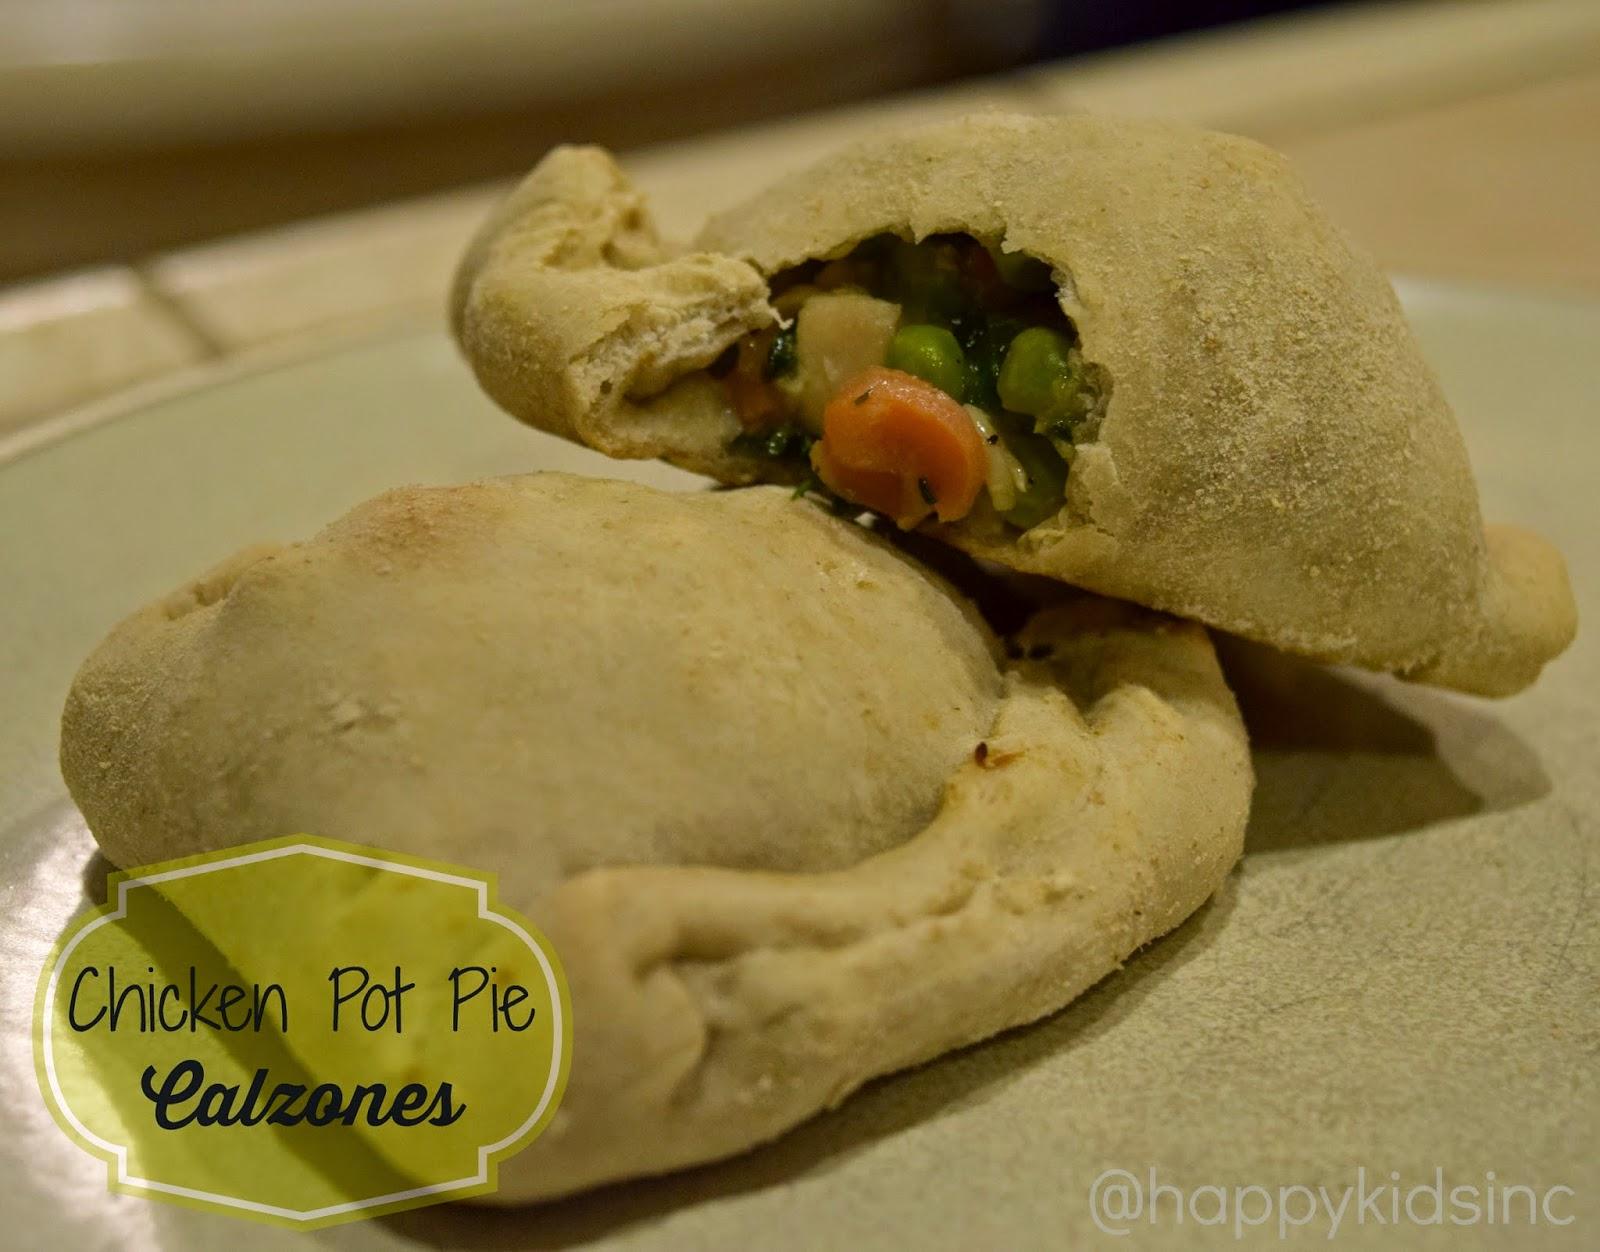 Chicken Pot Pie Calzones